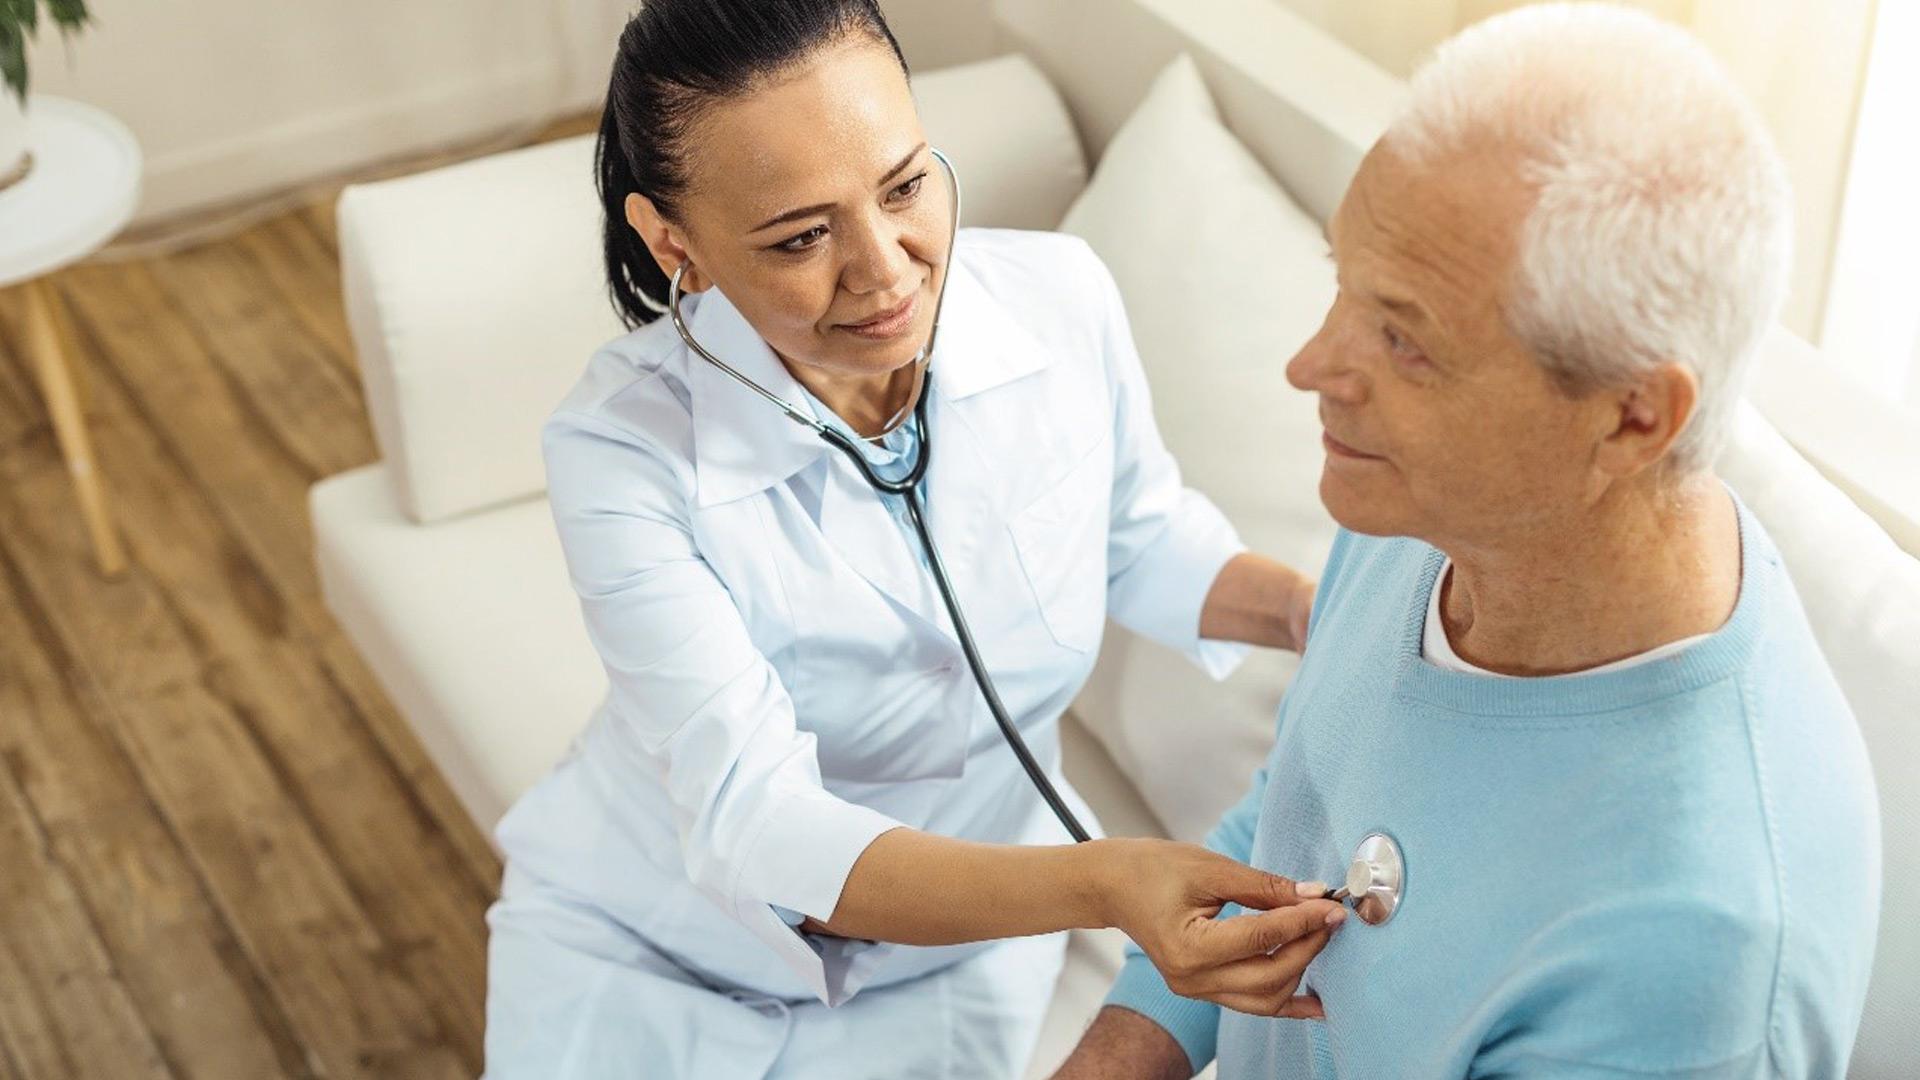 Cuidados médicos, rotina, interação e atenção de familiares e amigos são itens que melhoram a saúde dos idosos na pandemia.